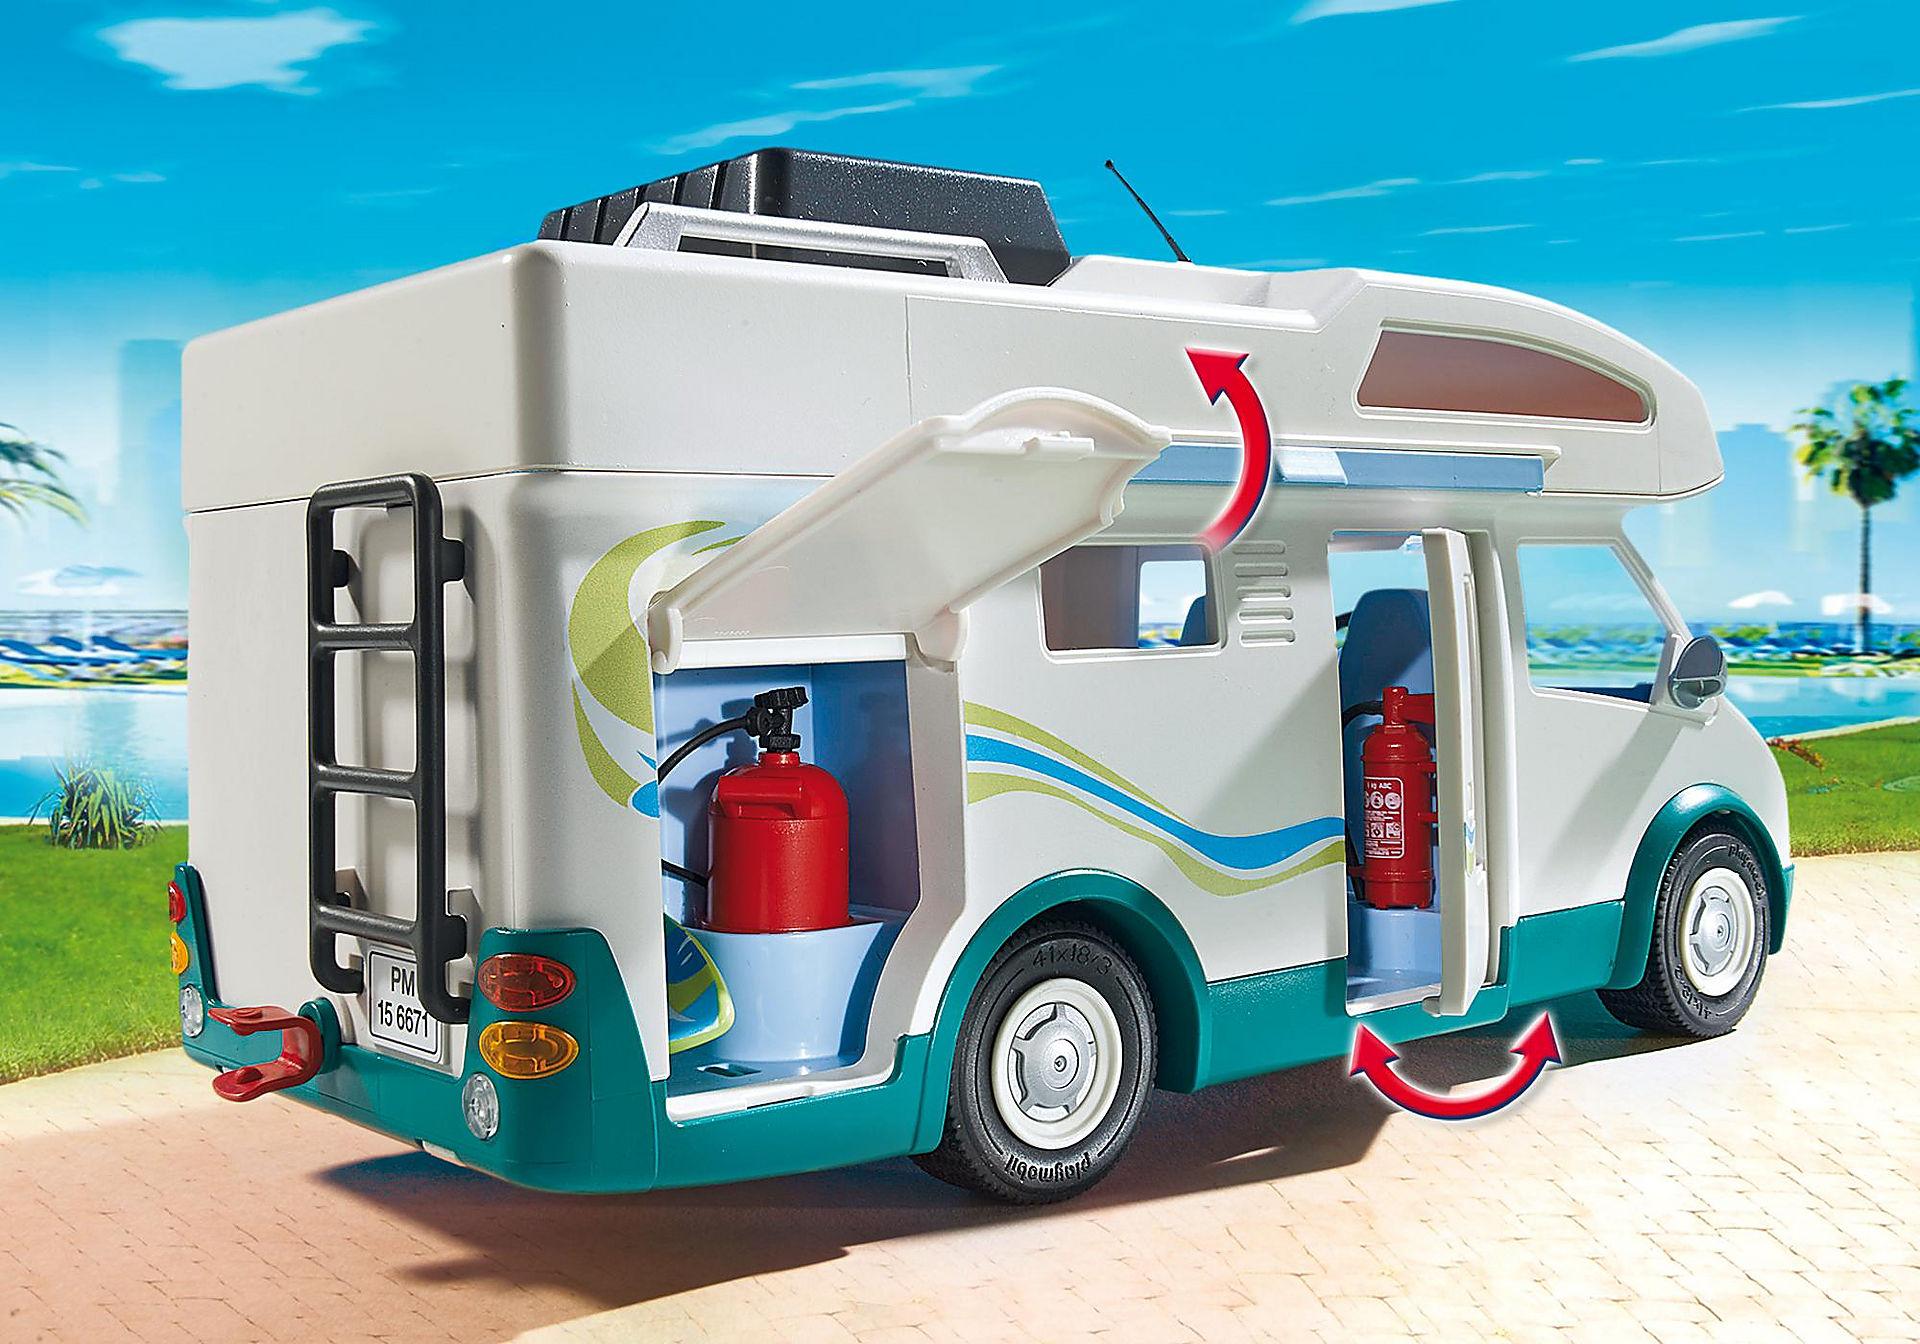 http://media.playmobil.com/i/playmobil/6671_product_extra1/Caravana de Verano